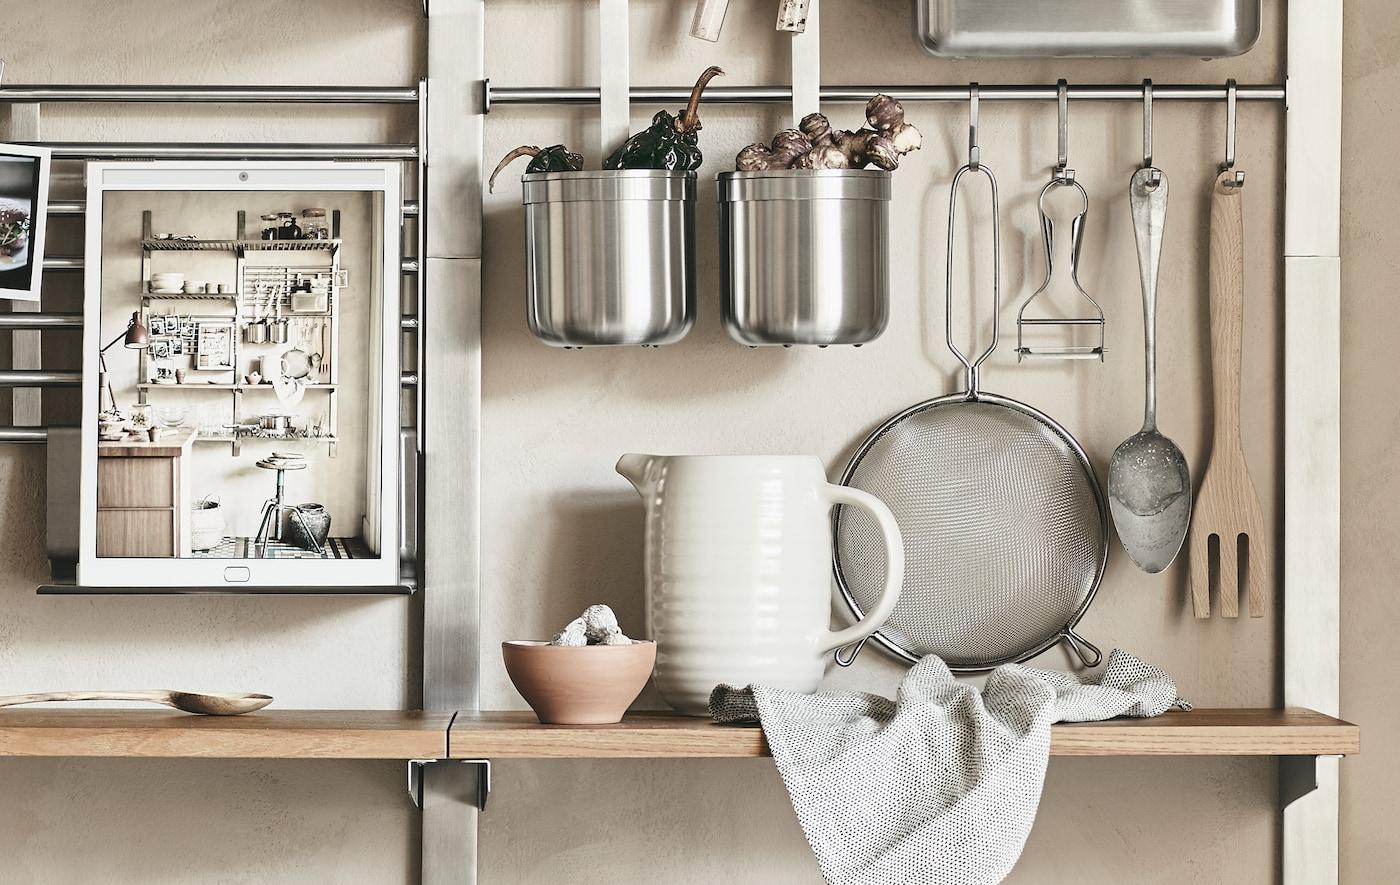 Metallschienen und Holzregale mit Küchenutensilien